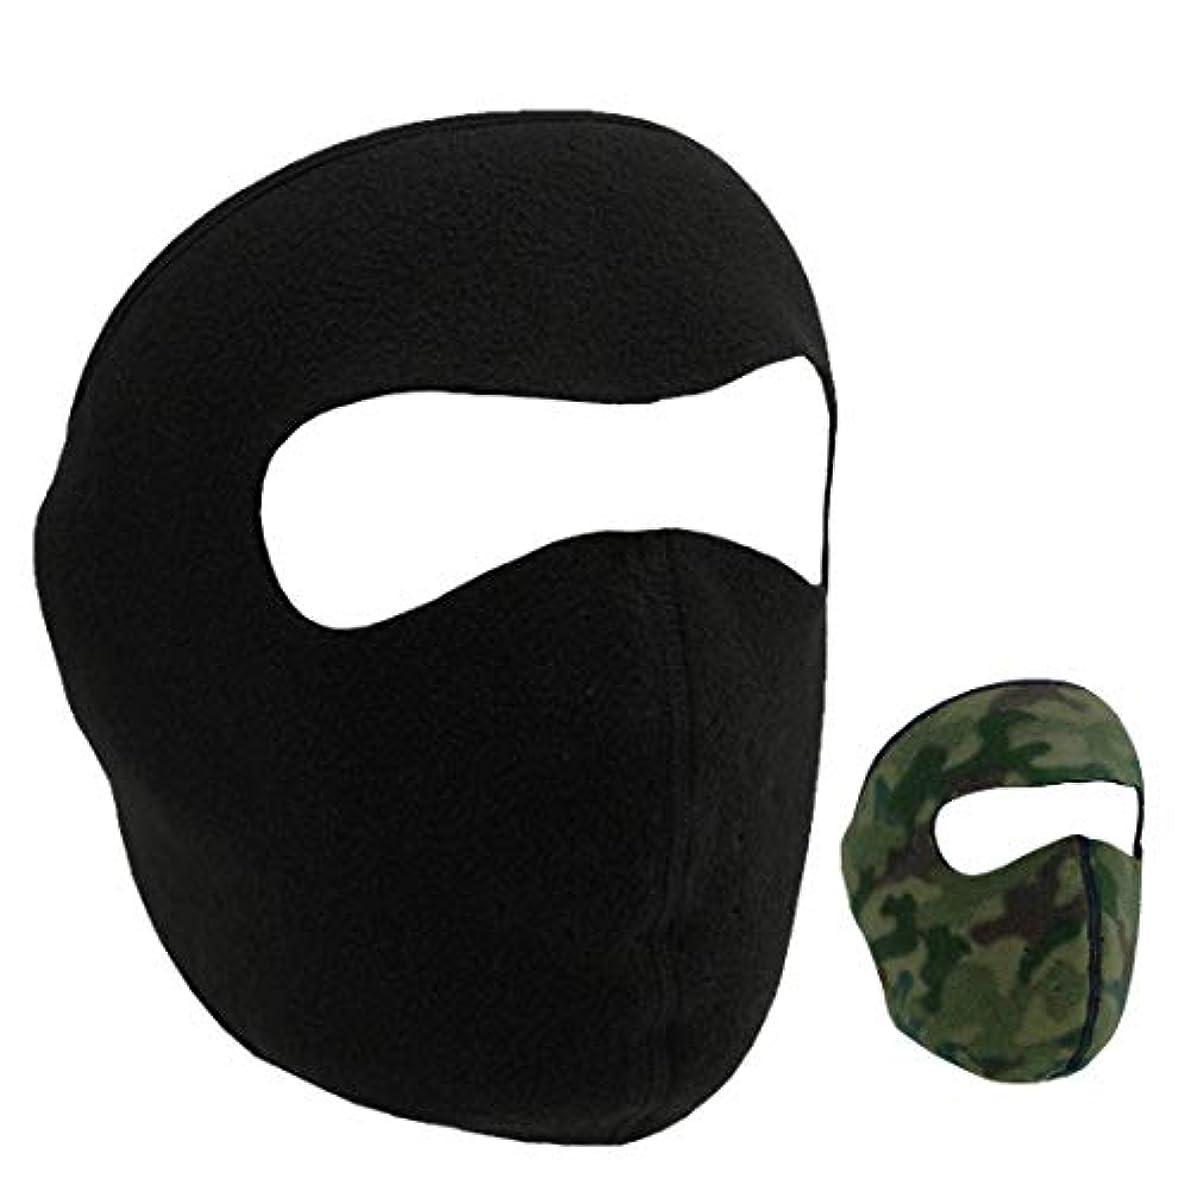 Airzir プレミアム3D通気性シームレスチューブフェイスマスク 防塵UV保護 Universal ブラック AIR-FM-PP